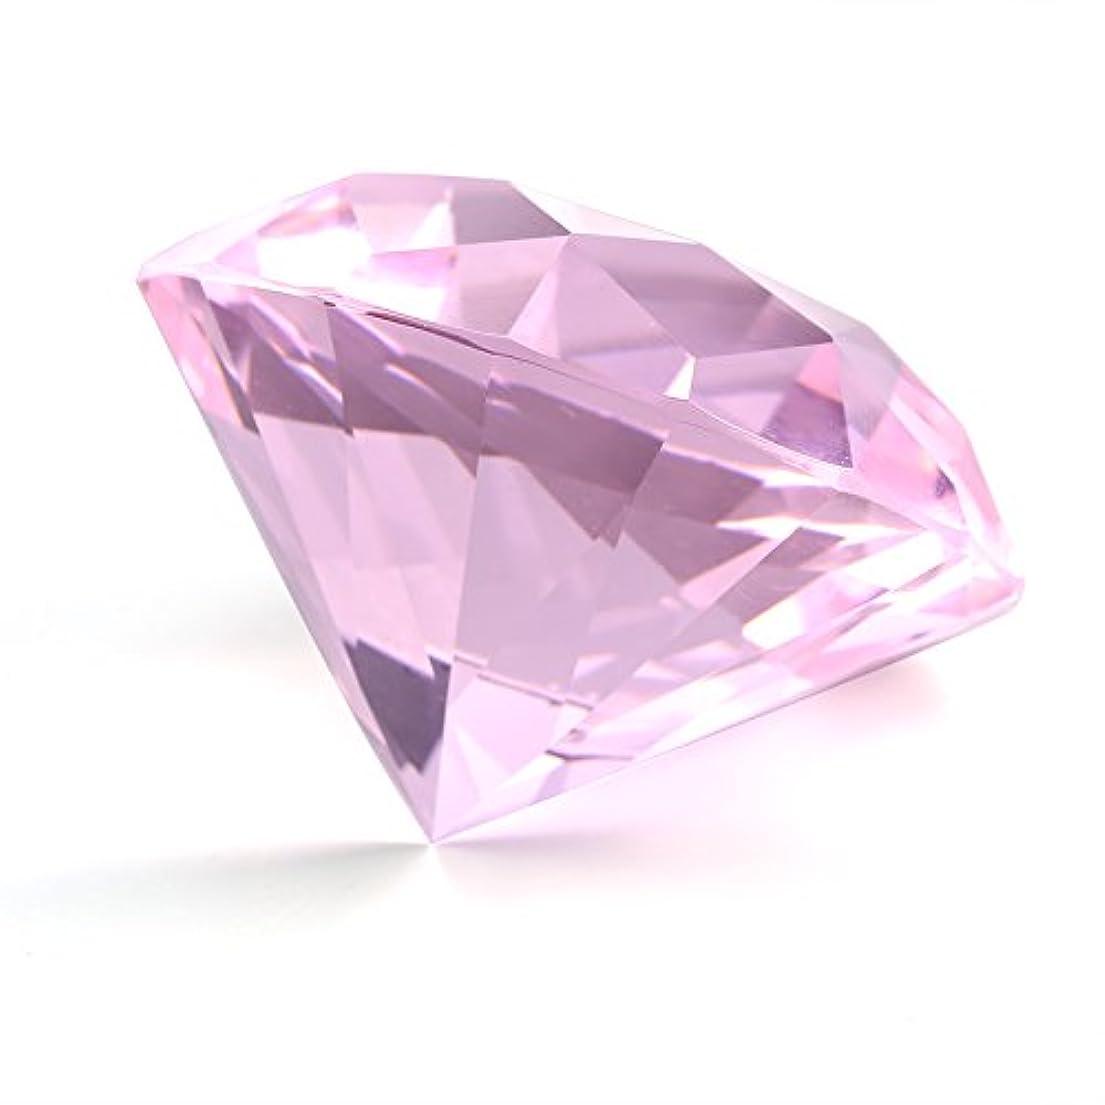 応答バンドル収束する2色 ネイルアート ディスプレイガラス、クリスタルダイヤモンドハンドモデル撮影飾りマニキュアアクセサリー(1)